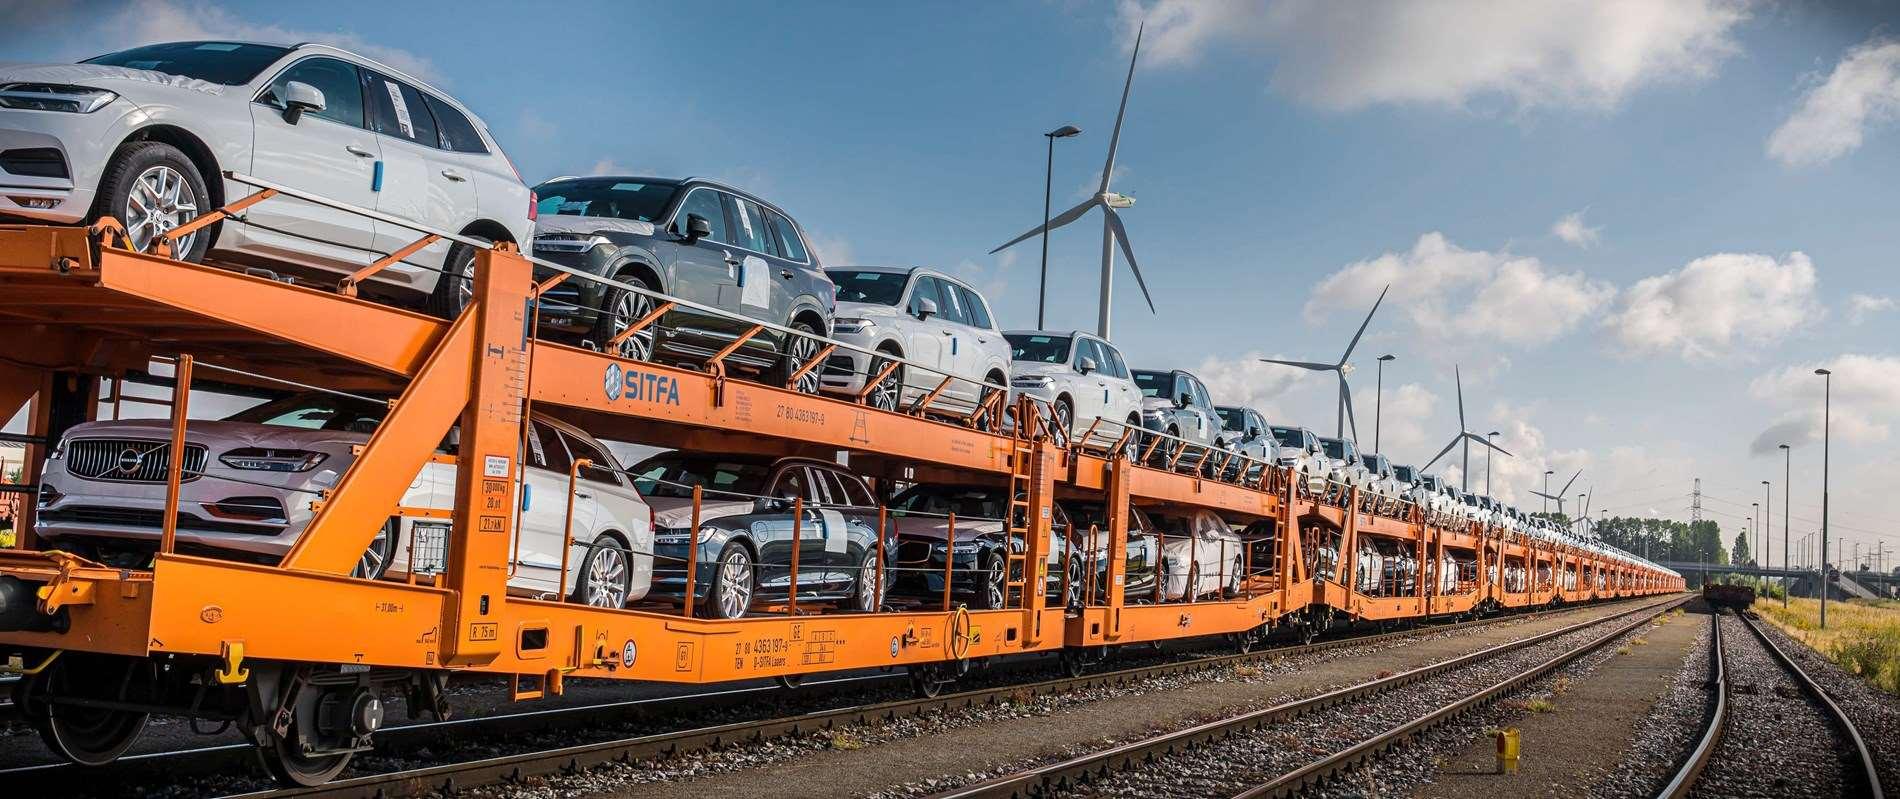 Overgang van vrachtwagens naar treinen haalt uitstoot van Volvo Cars' logistiek netwerk scherp naar beneden